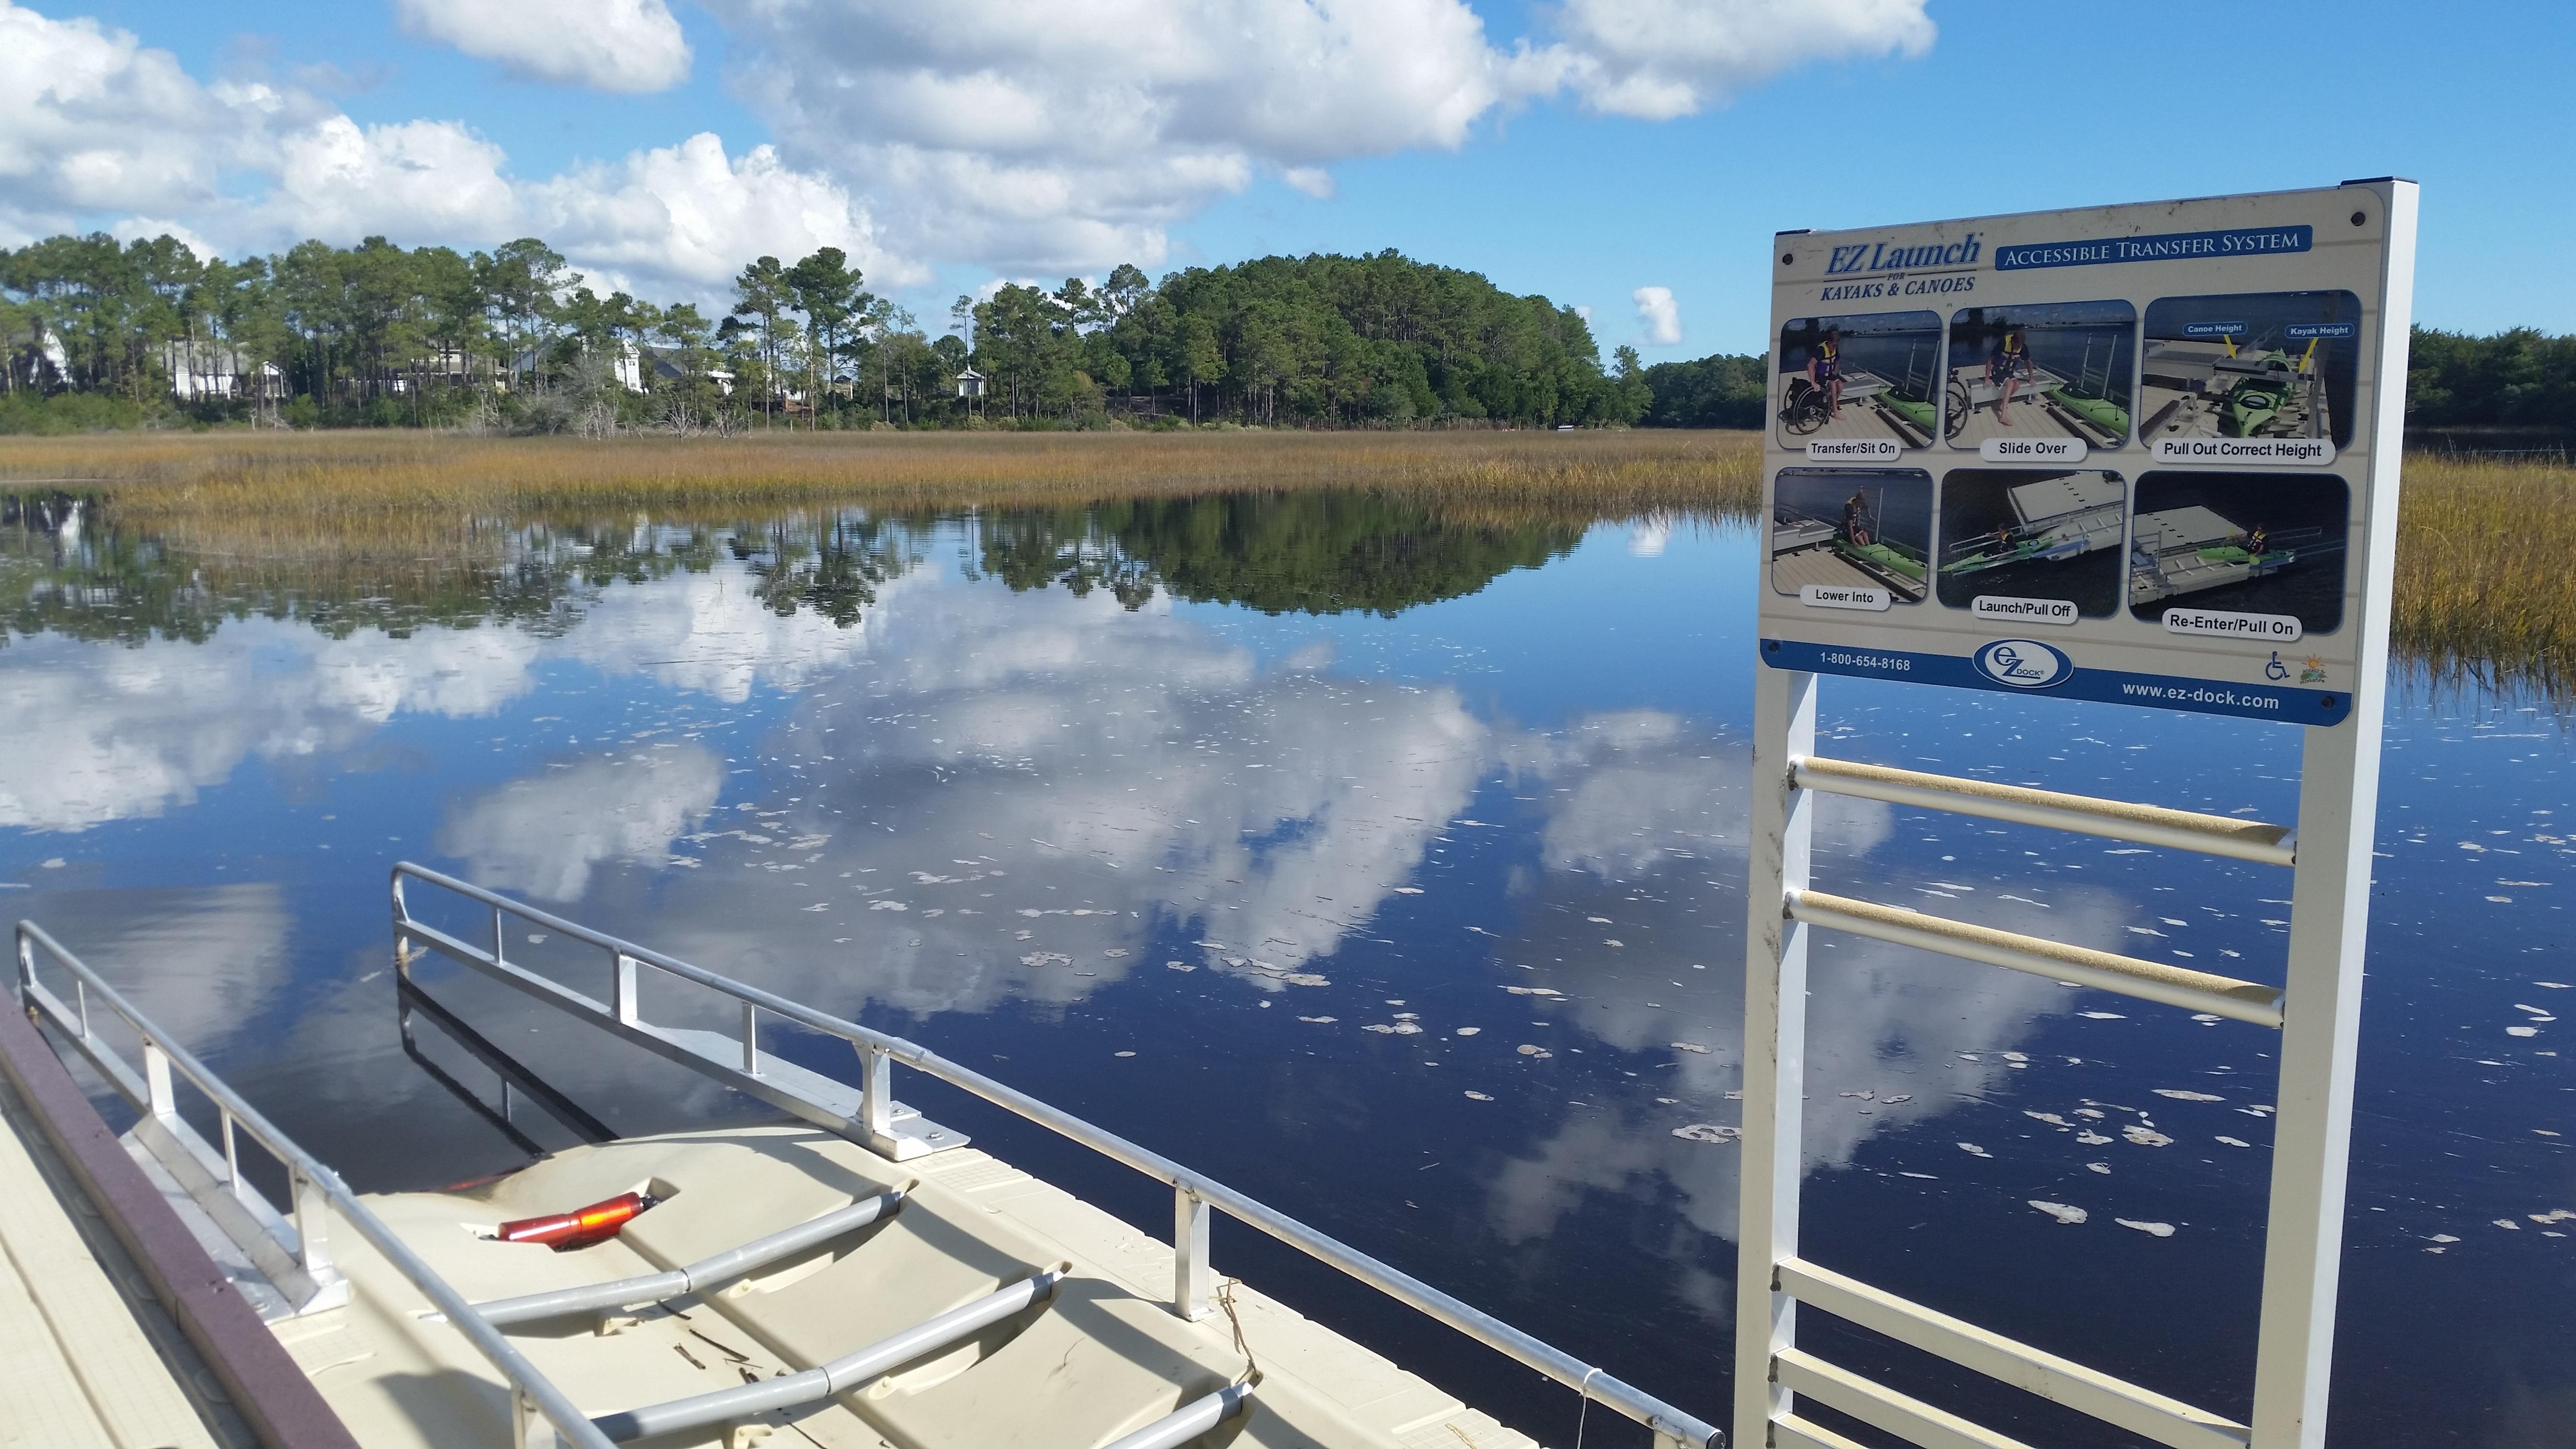 Kayak Launch Opening